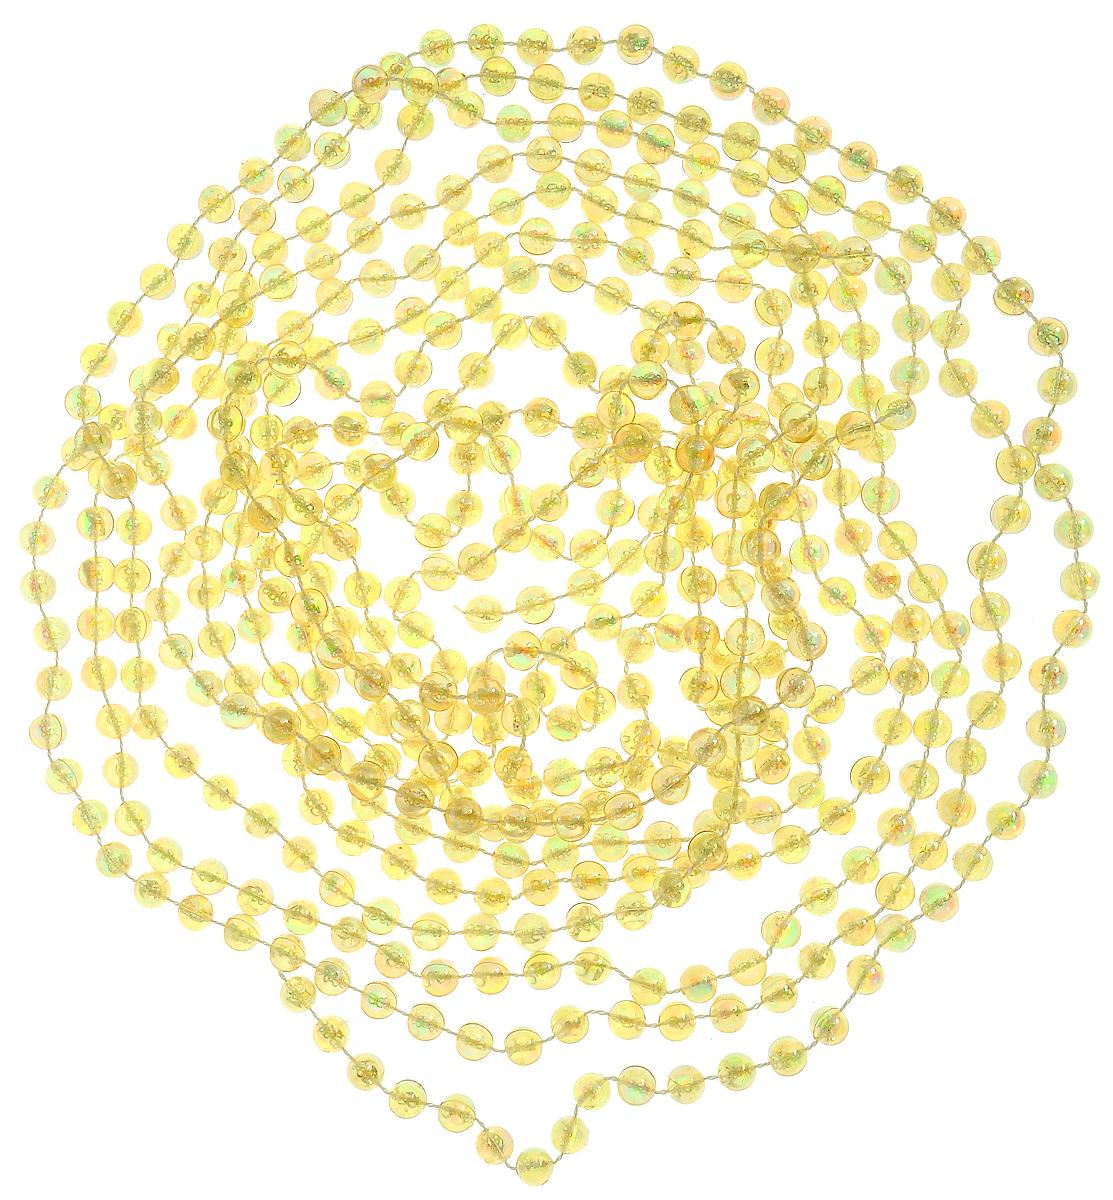 Гирлянда новогодняя Lovemark Бусы, цвет: золотистый, длина 5 м41668Новогодняя гирлянда Lovemark Бусы, выполненная из пластика и текстиля, украсит интерьер вашего дома или офиса в преддверии Нового года. Оригинальный дизайн и красочное исполнение создадут праздничное настроение. Новогодние украшения всегда несут в себе волшебство и красоту праздника. Создайте в своем доме атмосферу тепла, веселья и радости, украшая его всей семьей.Общая длина гирлянды: 5 м.Диаметр бусины: 8 мм.